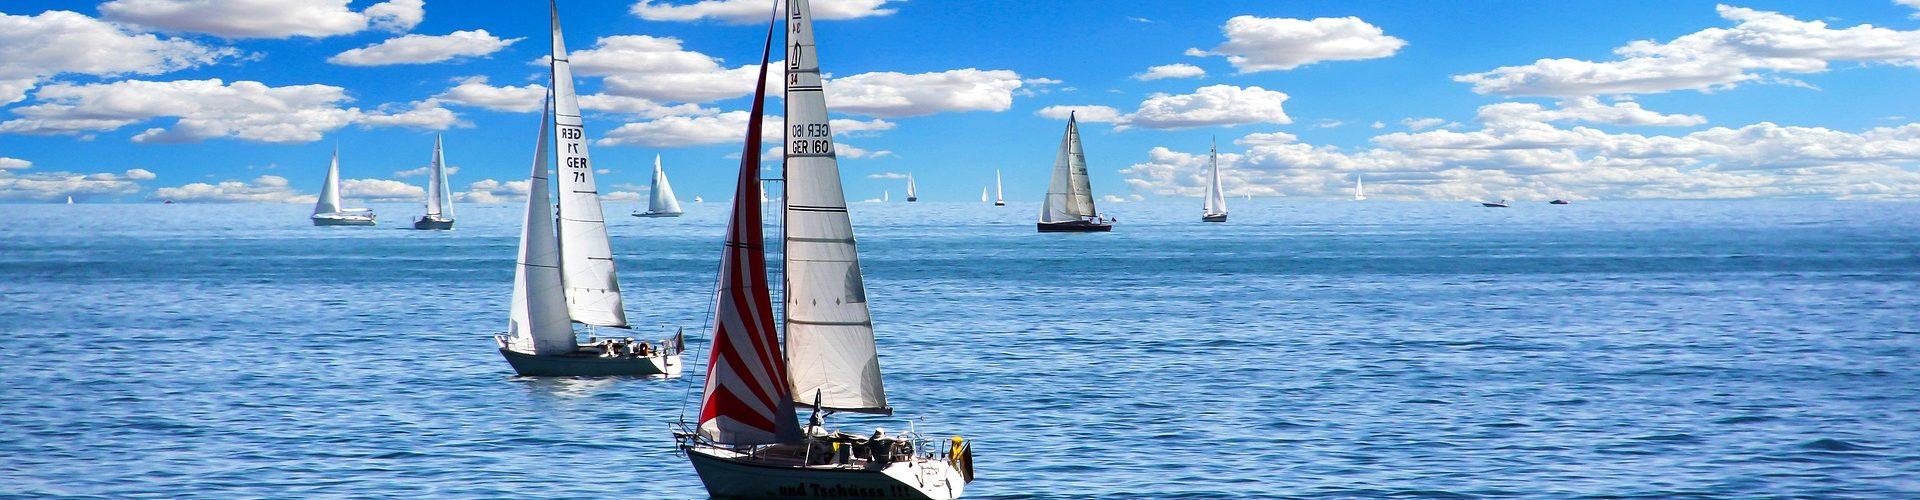 segeln lernen in Hochheim am Main segelschein machen in Hochheim am Main 1920x500 - Segeln lernen in Hochheim am Main